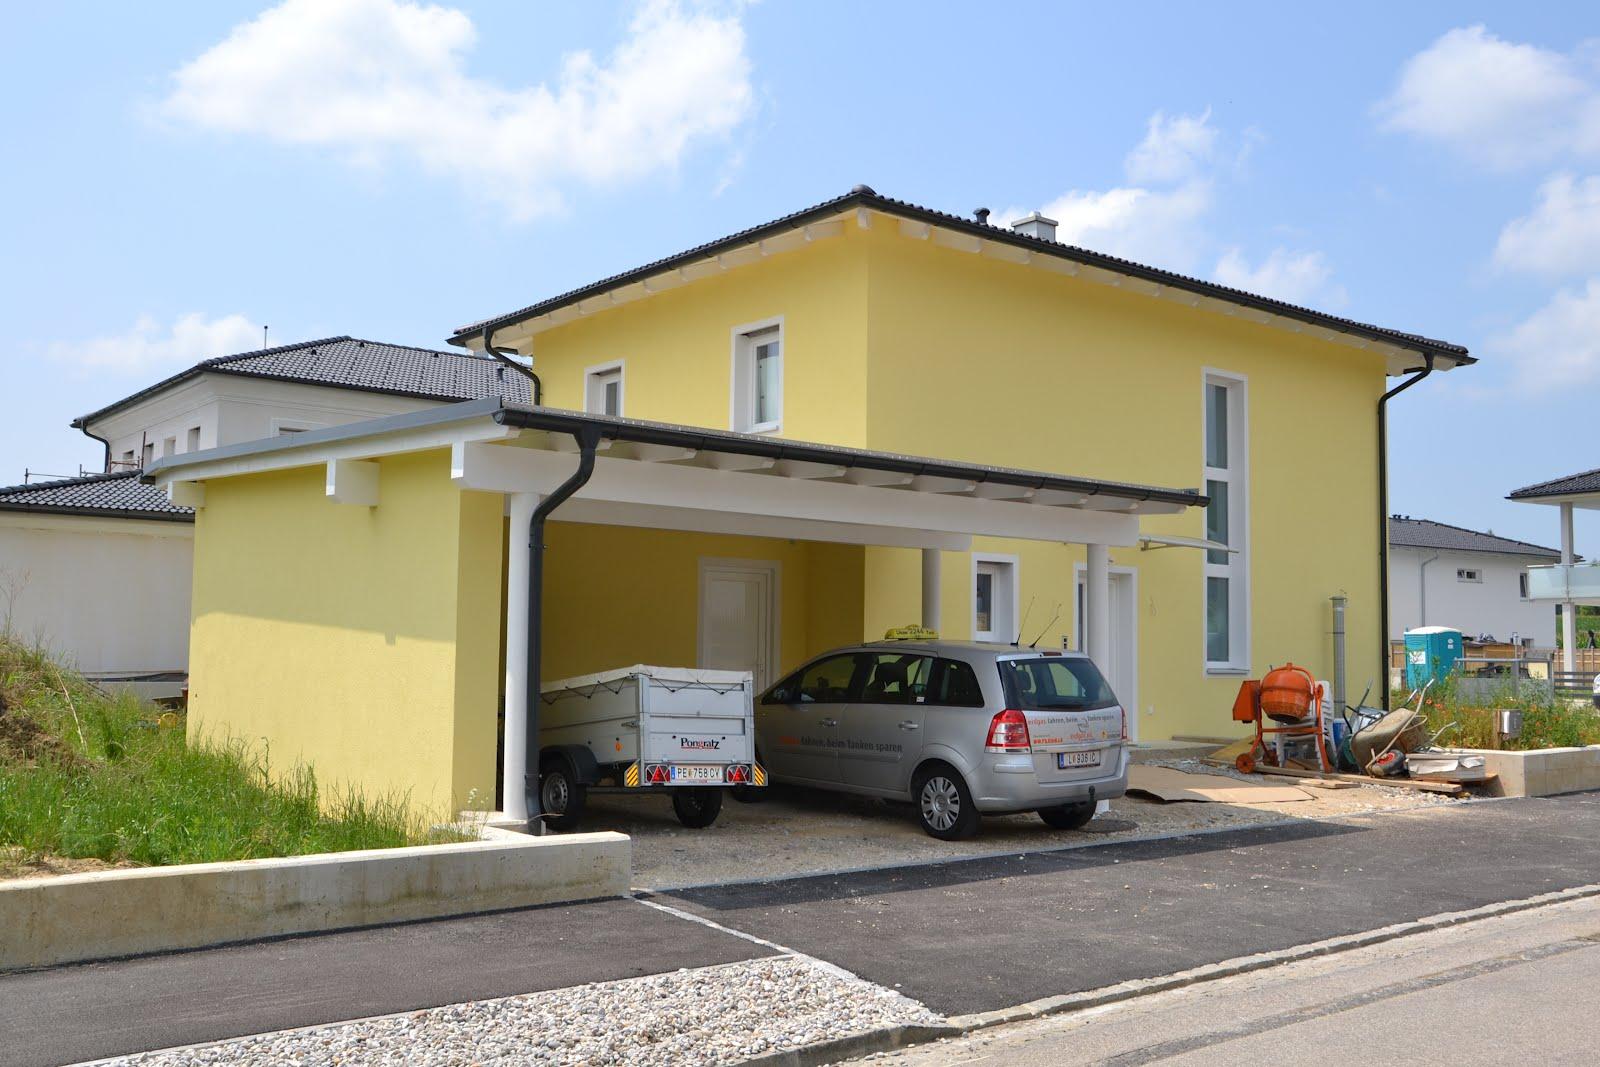 armin sarah bauen ein haus unser gelbes haus schon fast fertig. Black Bedroom Furniture Sets. Home Design Ideas